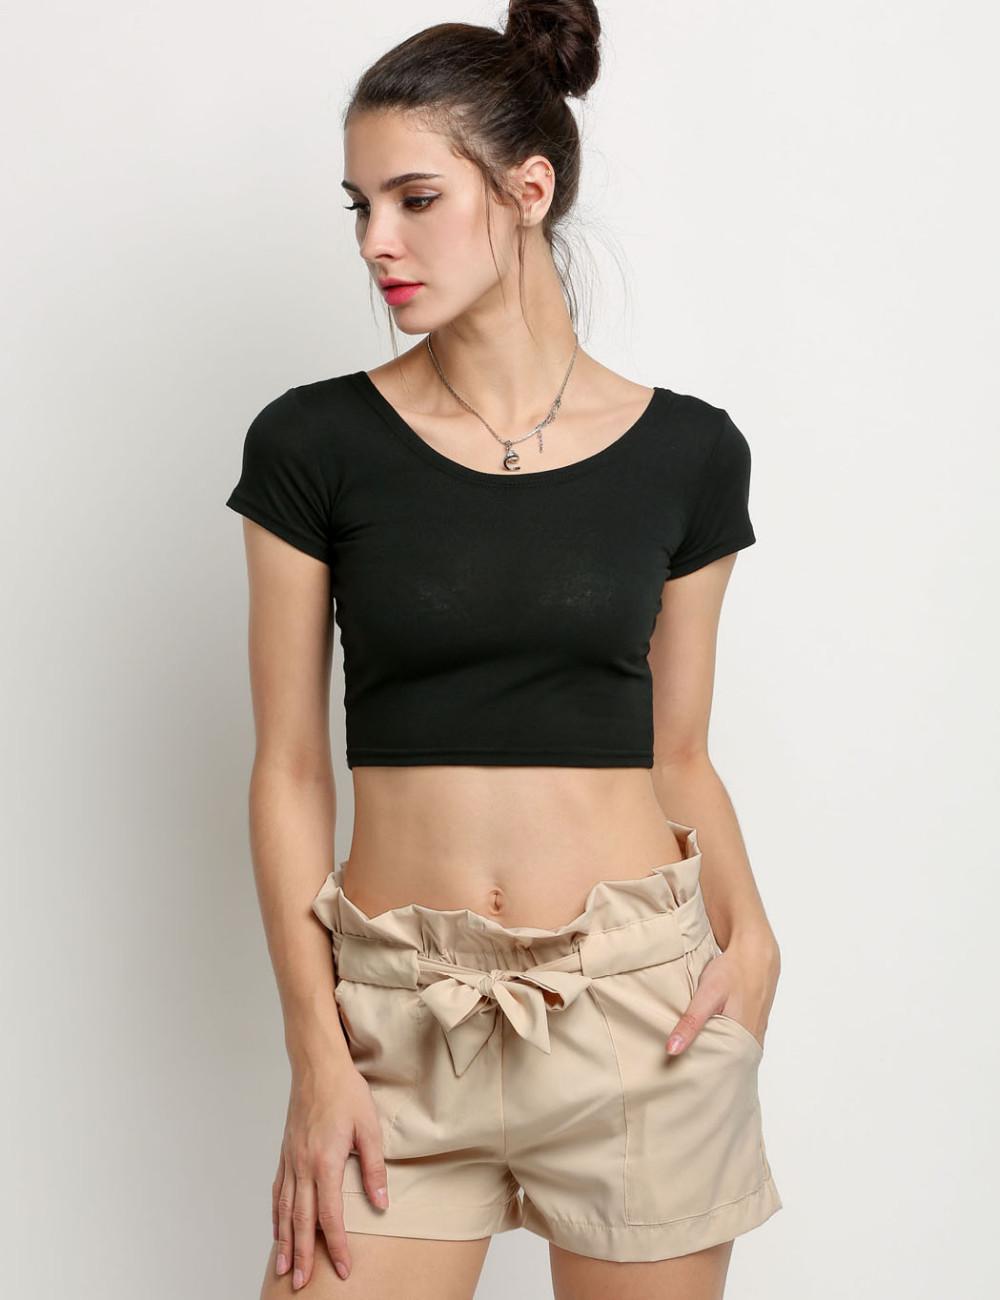 high waist shorts women (10)